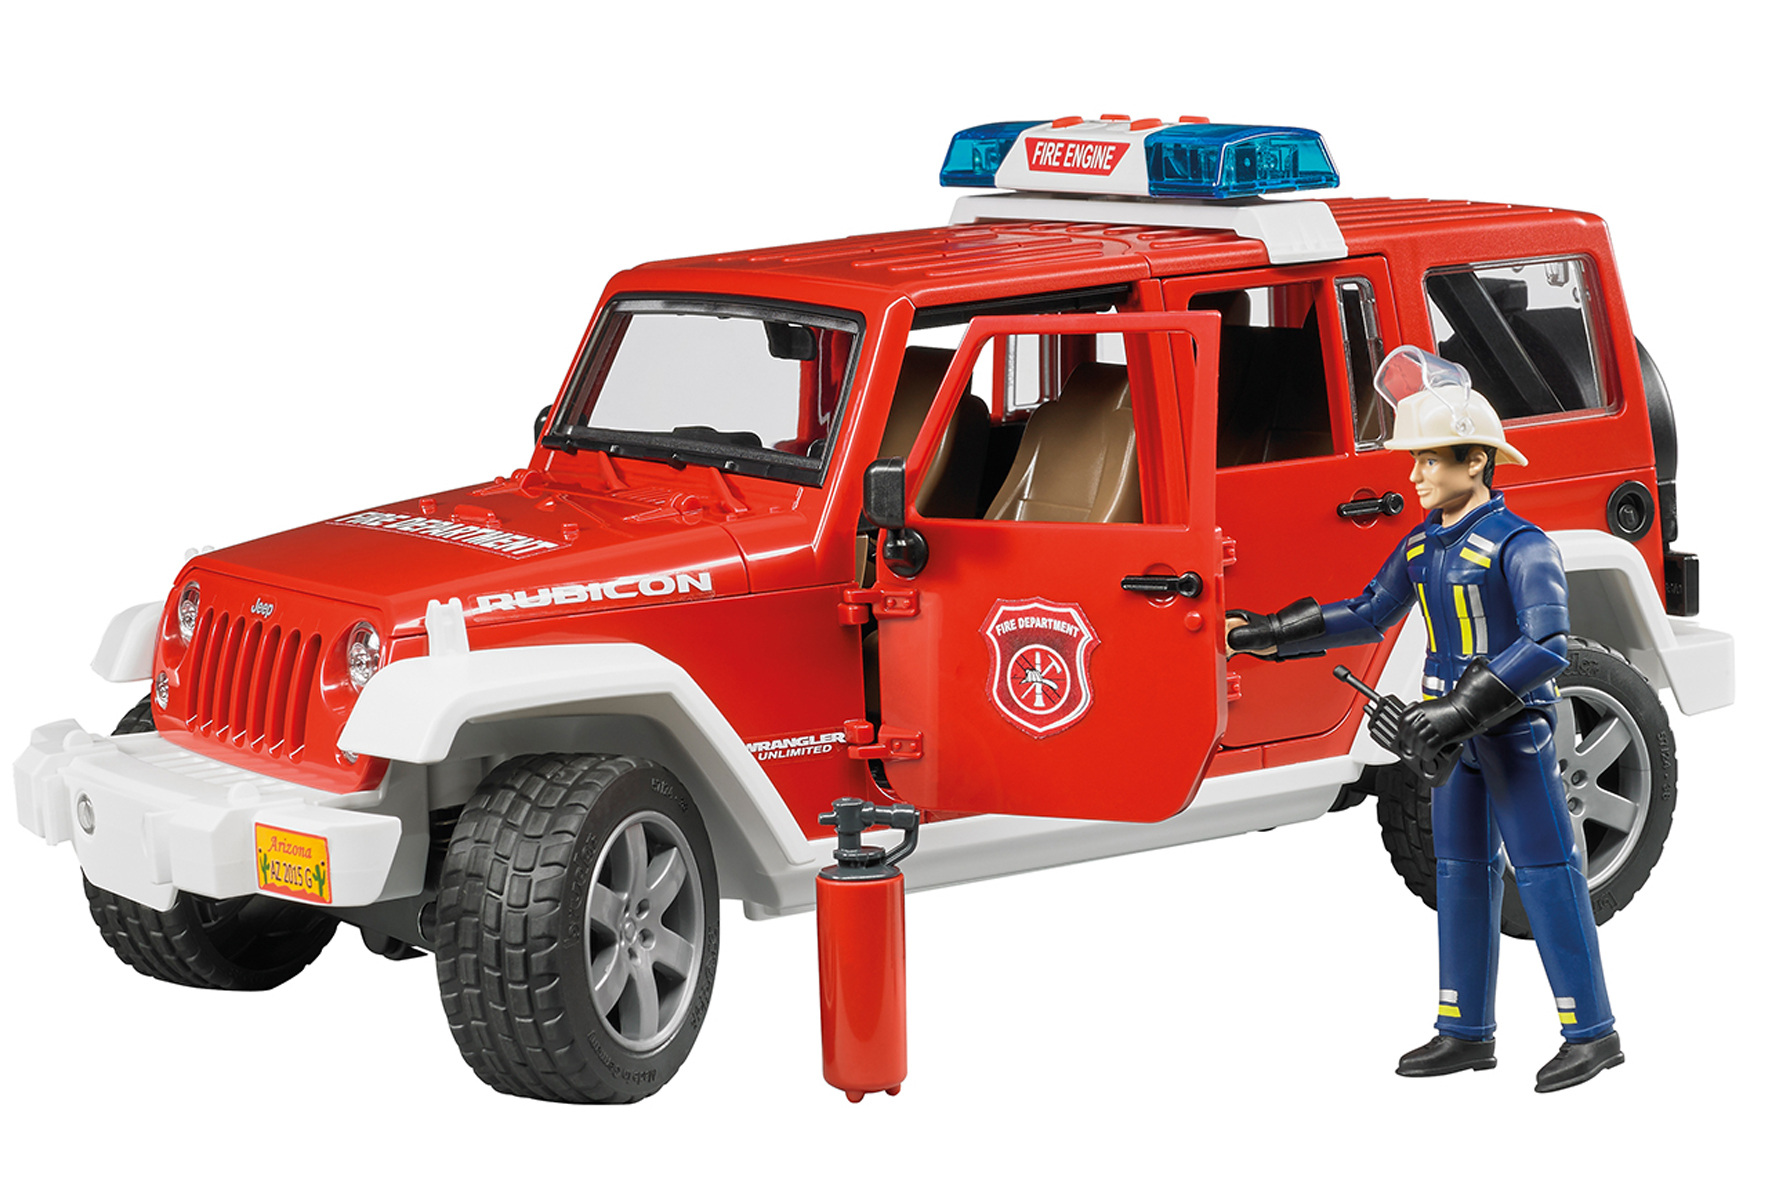 jeep wrangler unlimited rubicon des pompiers et pompier 02528 1 16 achat en ligne ou dans. Black Bedroom Furniture Sets. Home Design Ideas